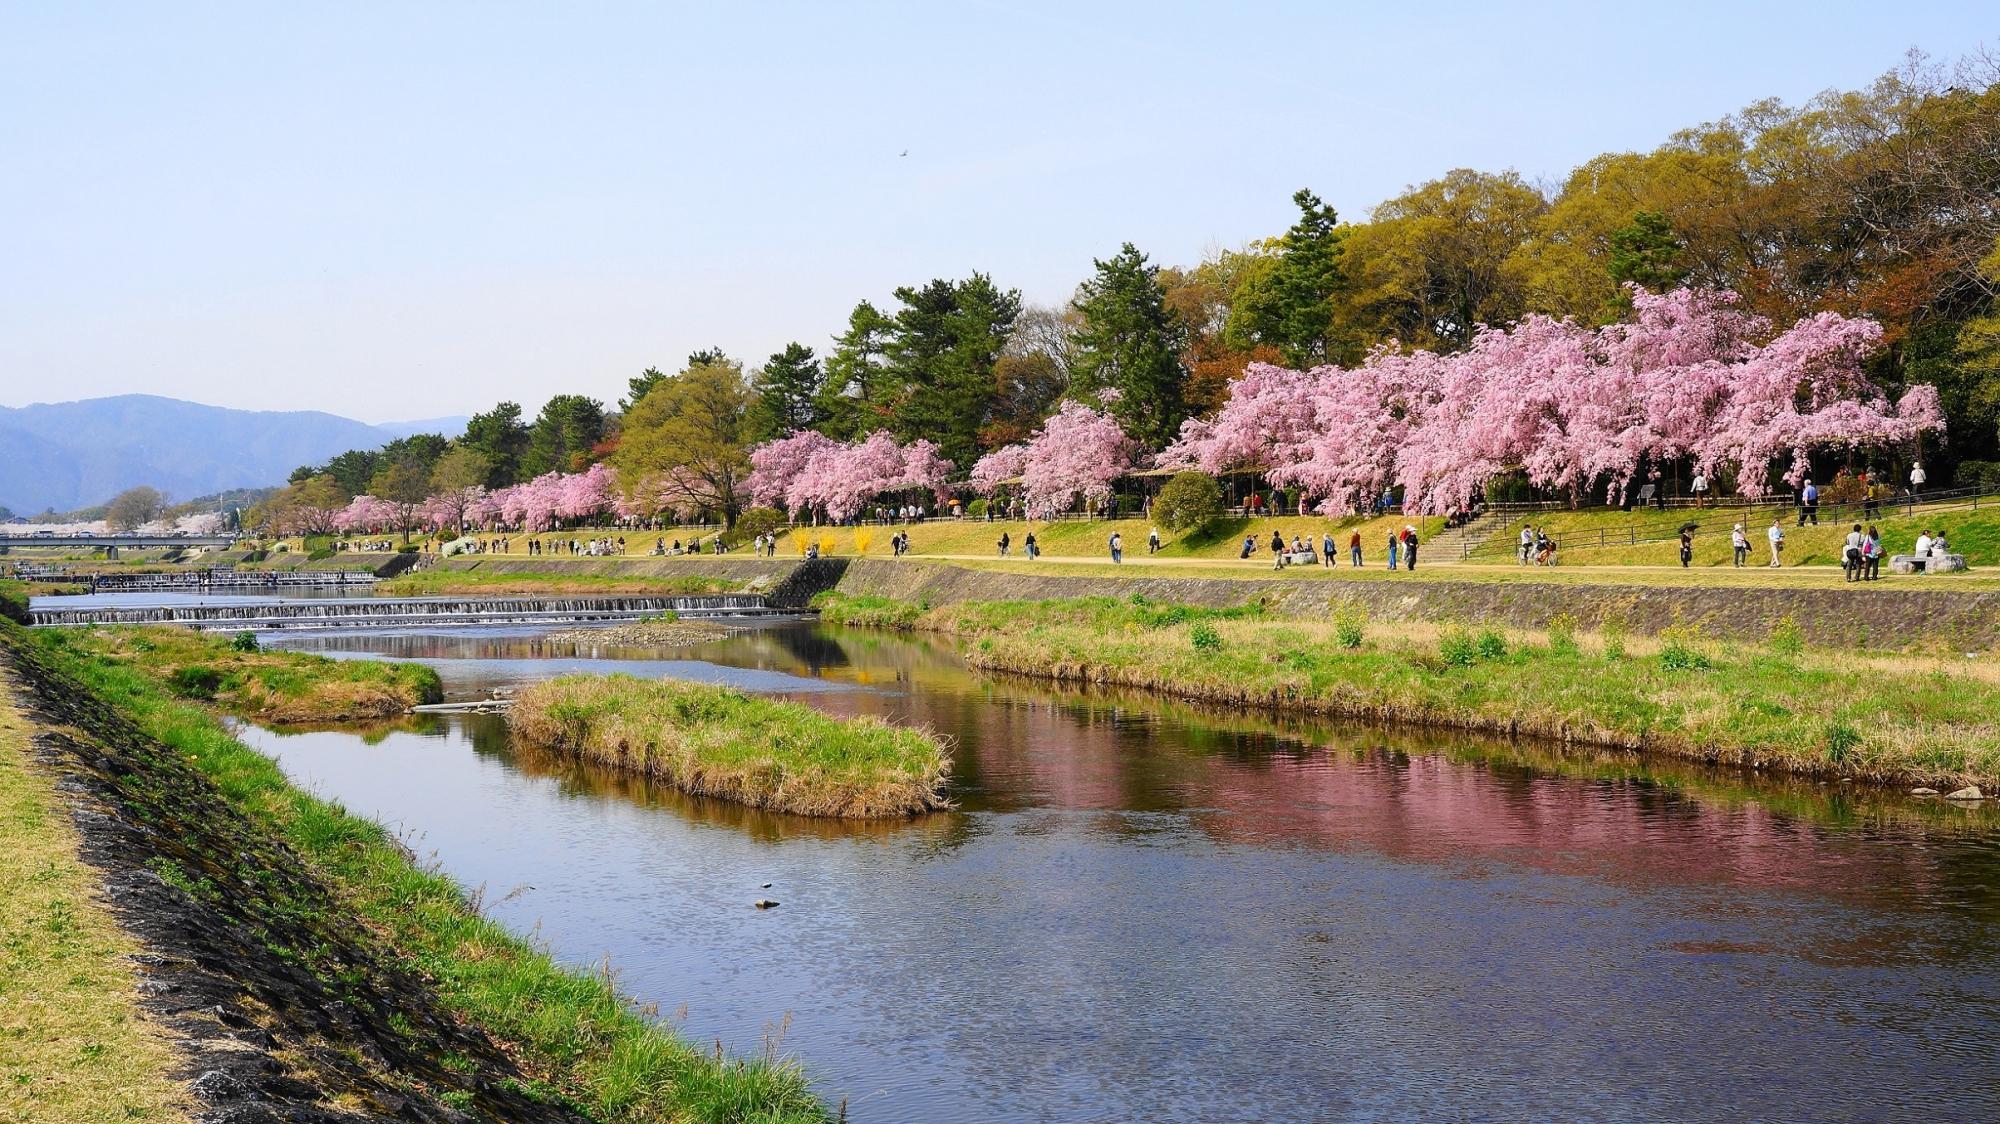 対岸から眺めた半木の道のしだれ桜並木